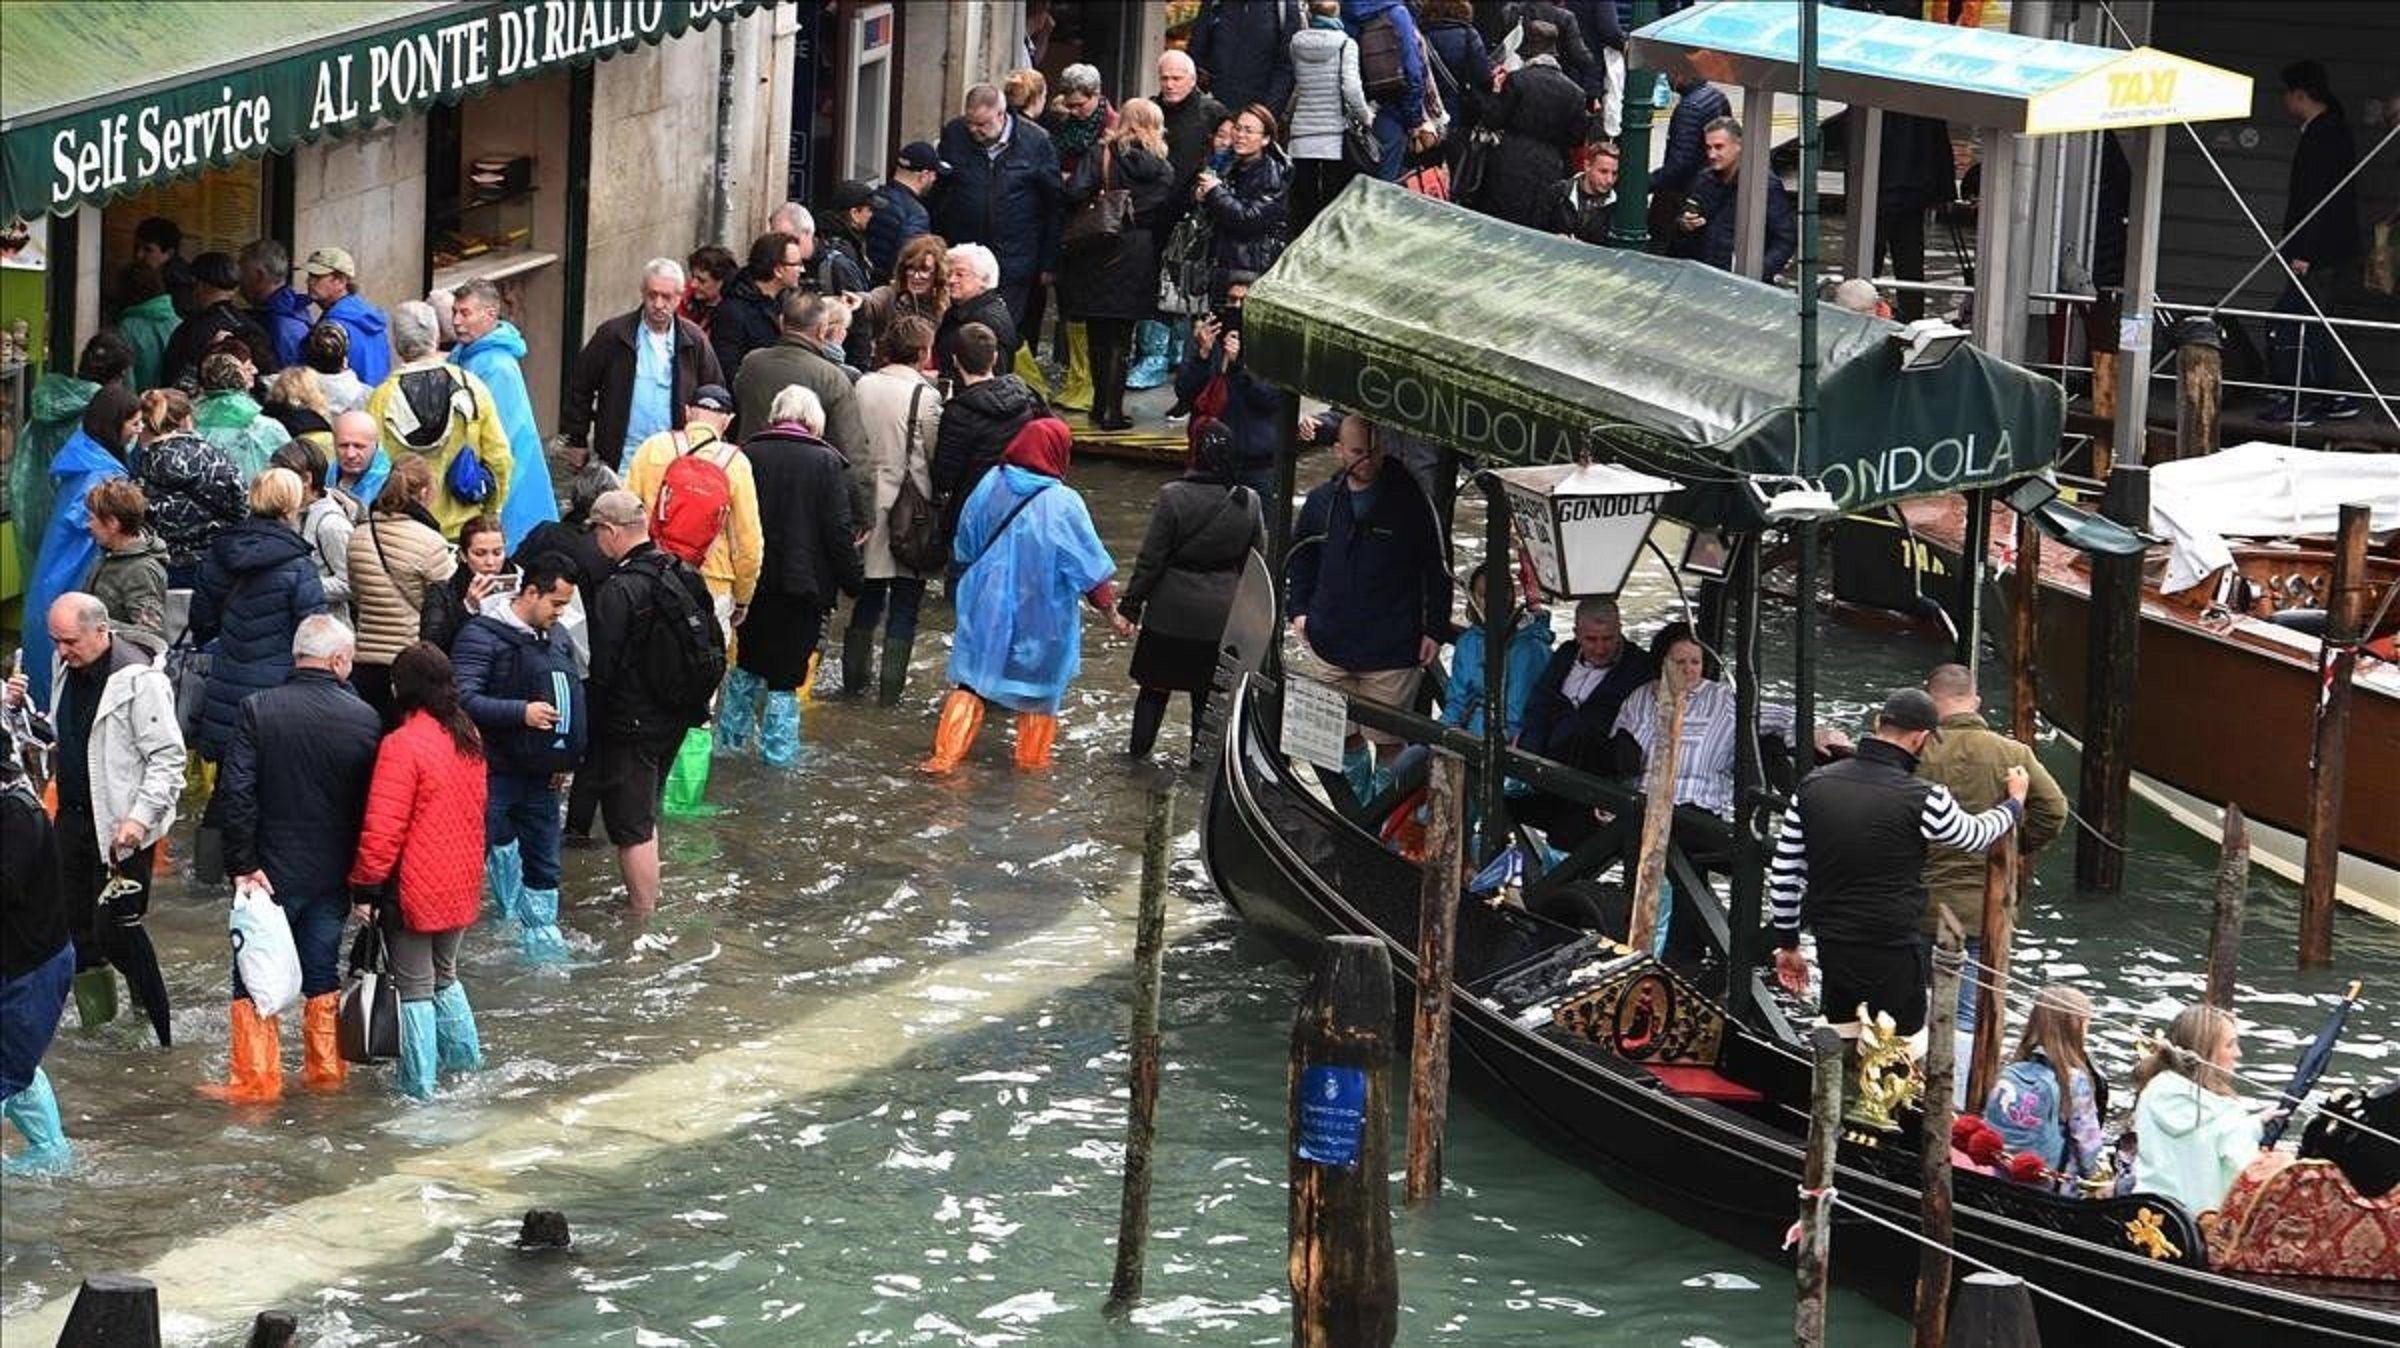 Venecia, bajo el agua: conmovedoras imágenes de una ciudad sacudida